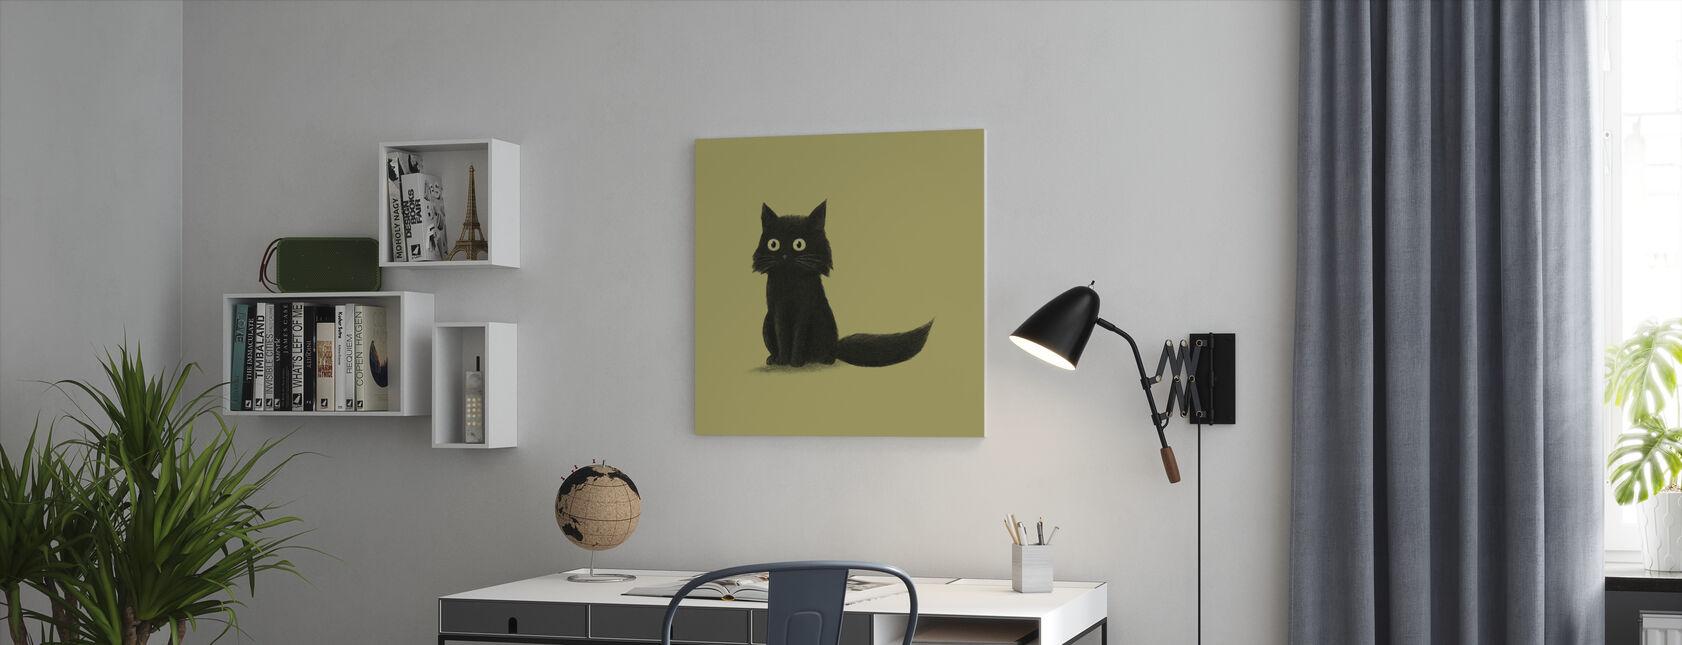 Sitzende Katze - Leinwandbild - Büro